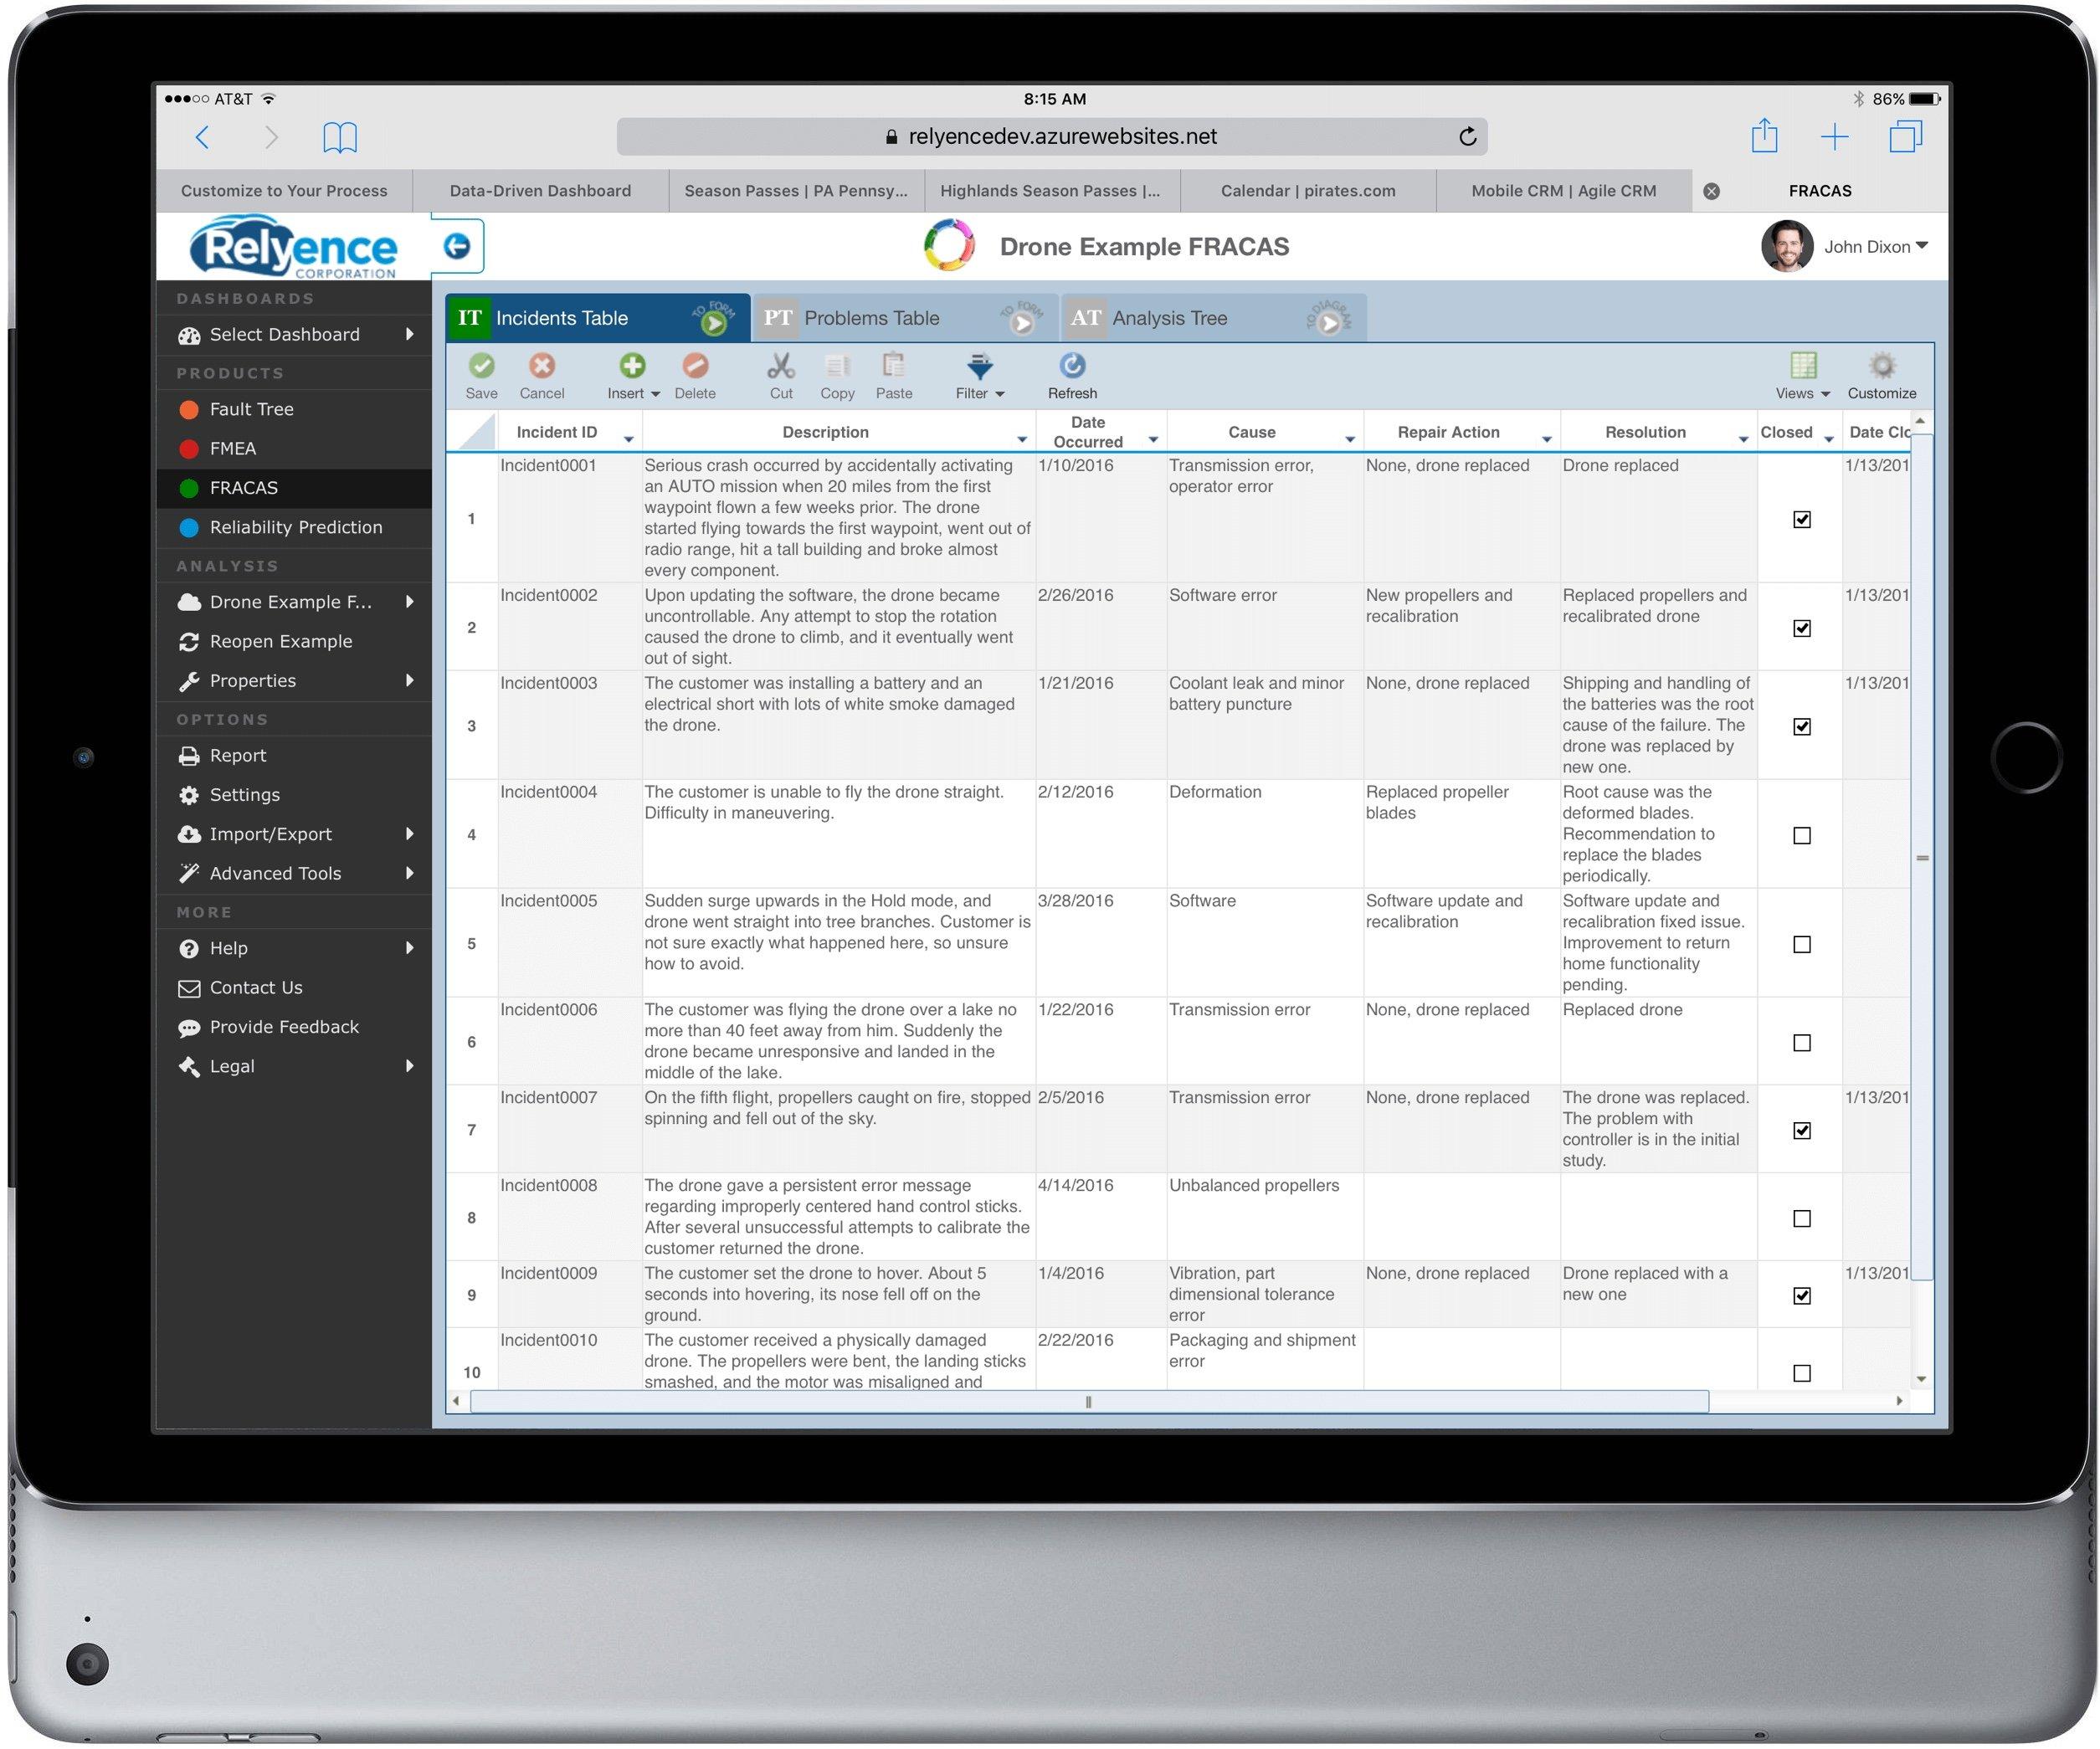 Relyence FRACAS on iPad